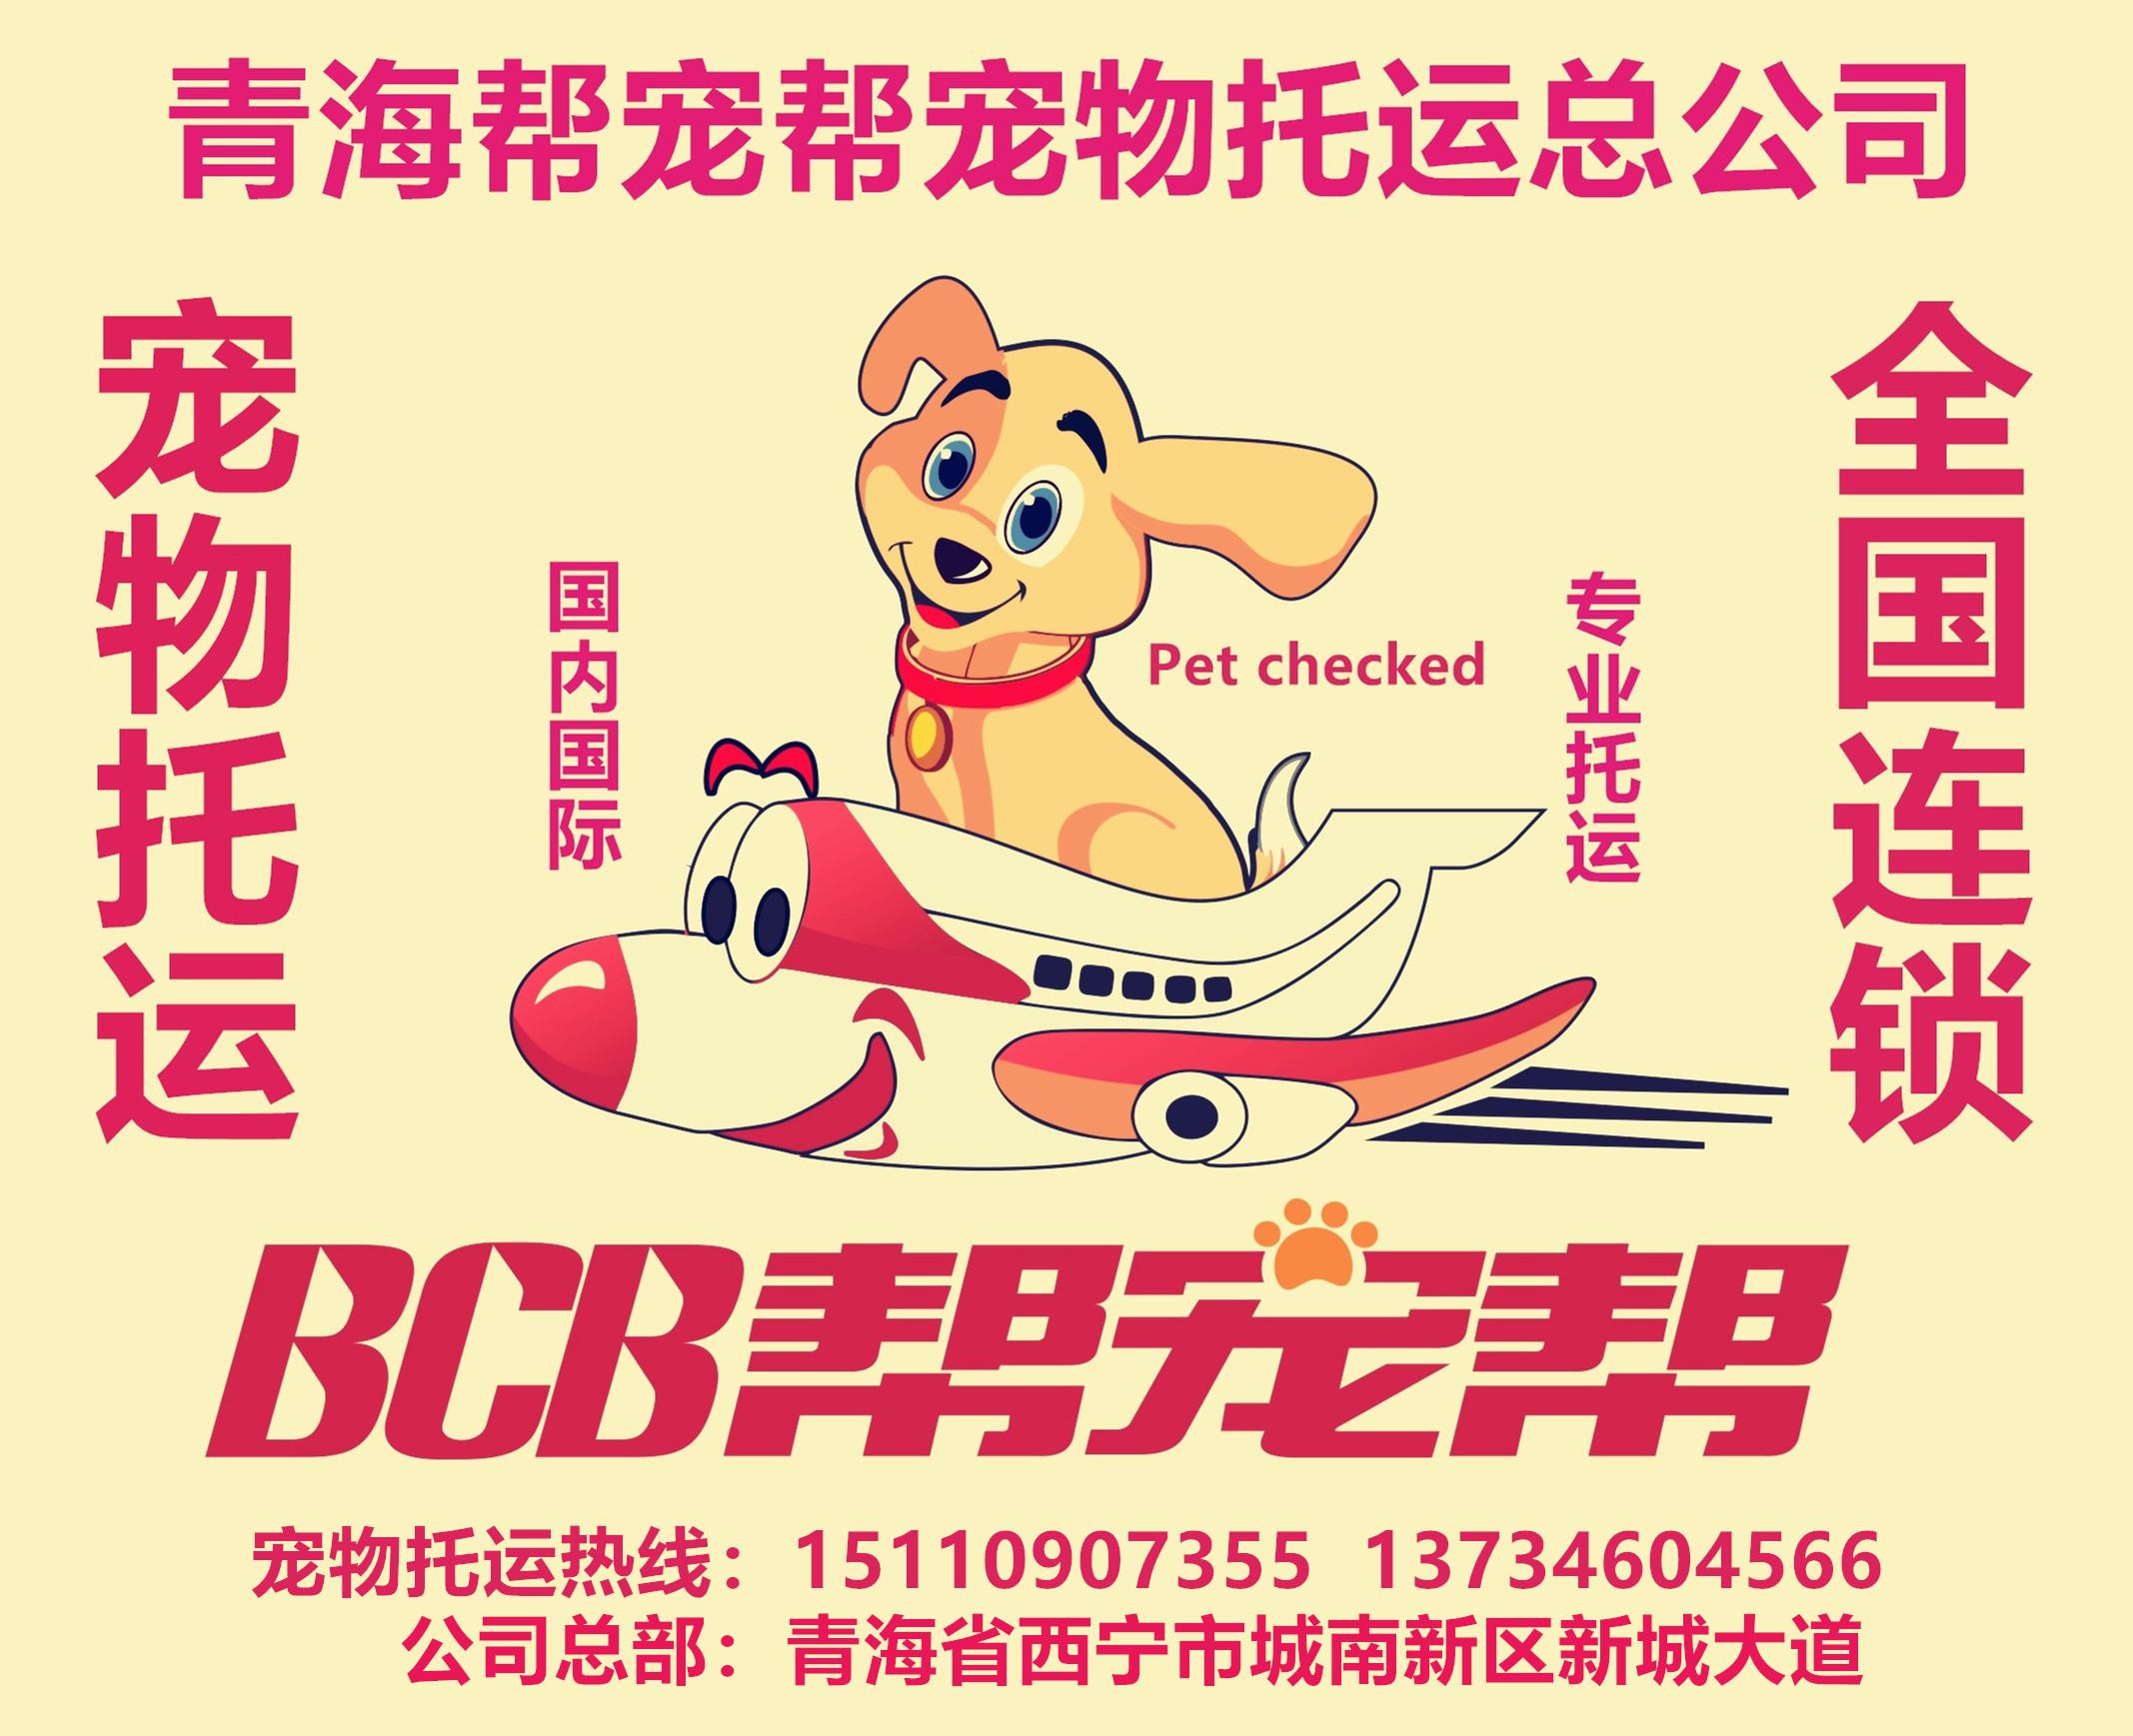 西宁帮宠帮宠物托运公司首家青海自主注册品牌宠物托运